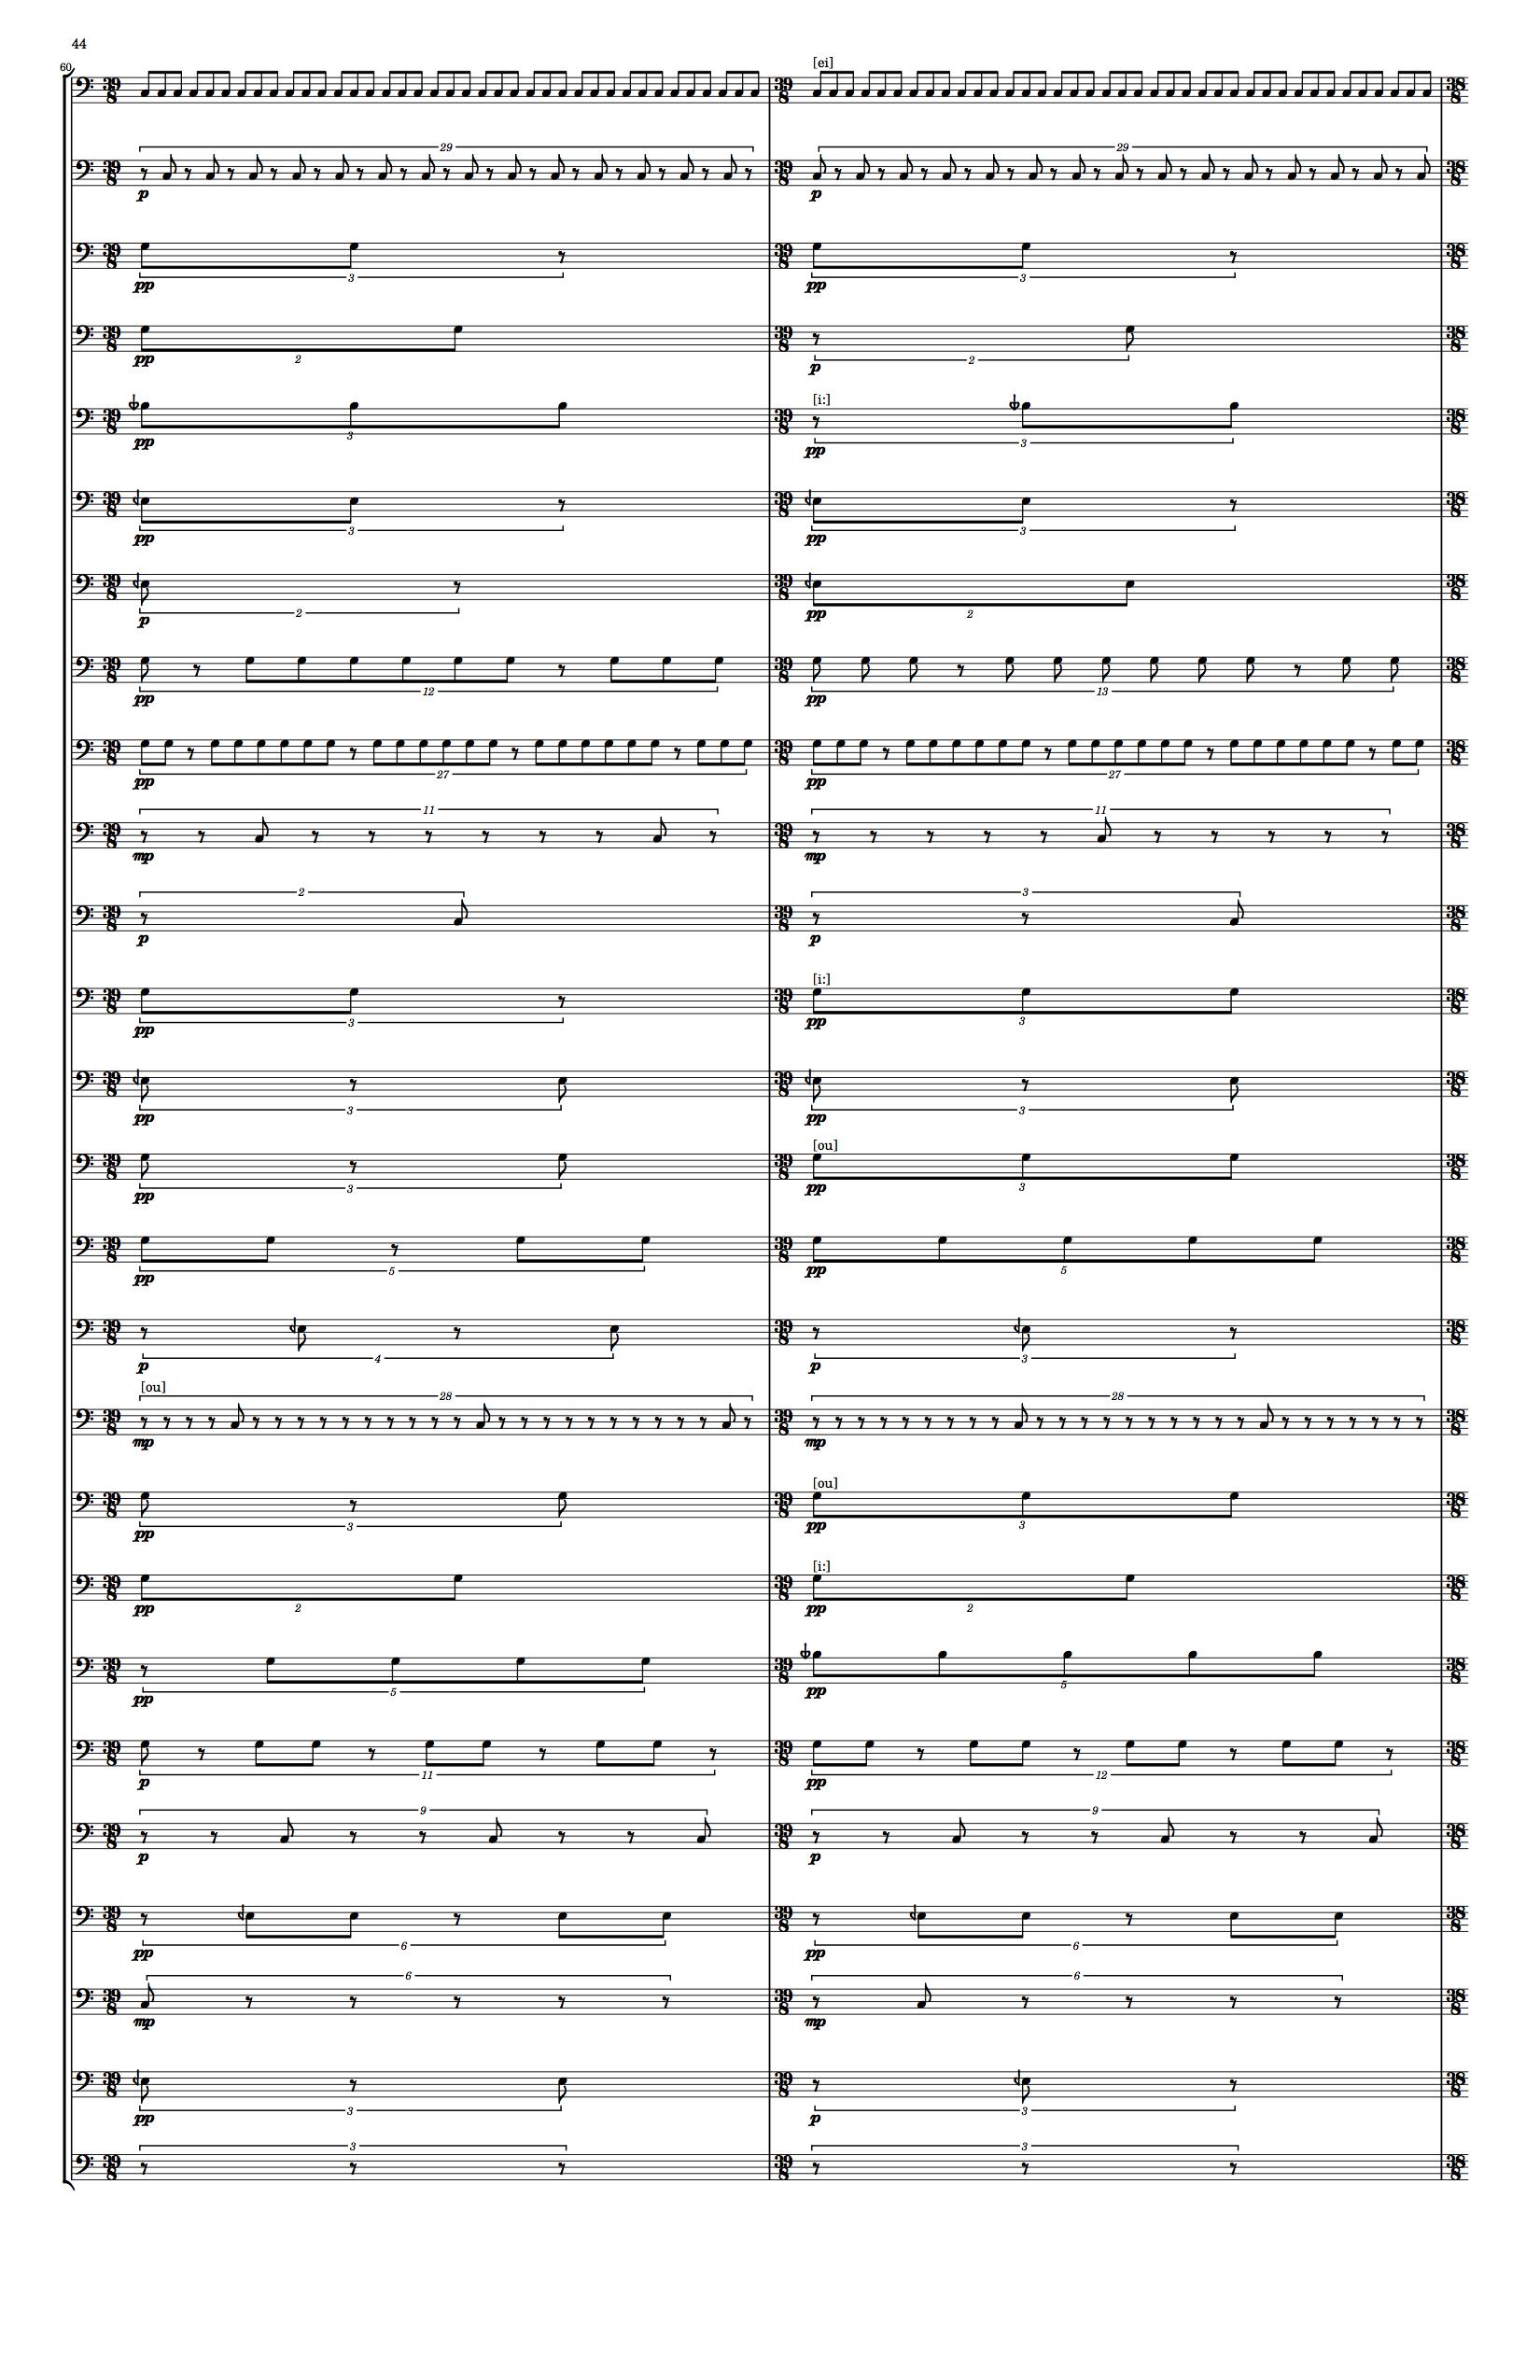 final/v1/page44